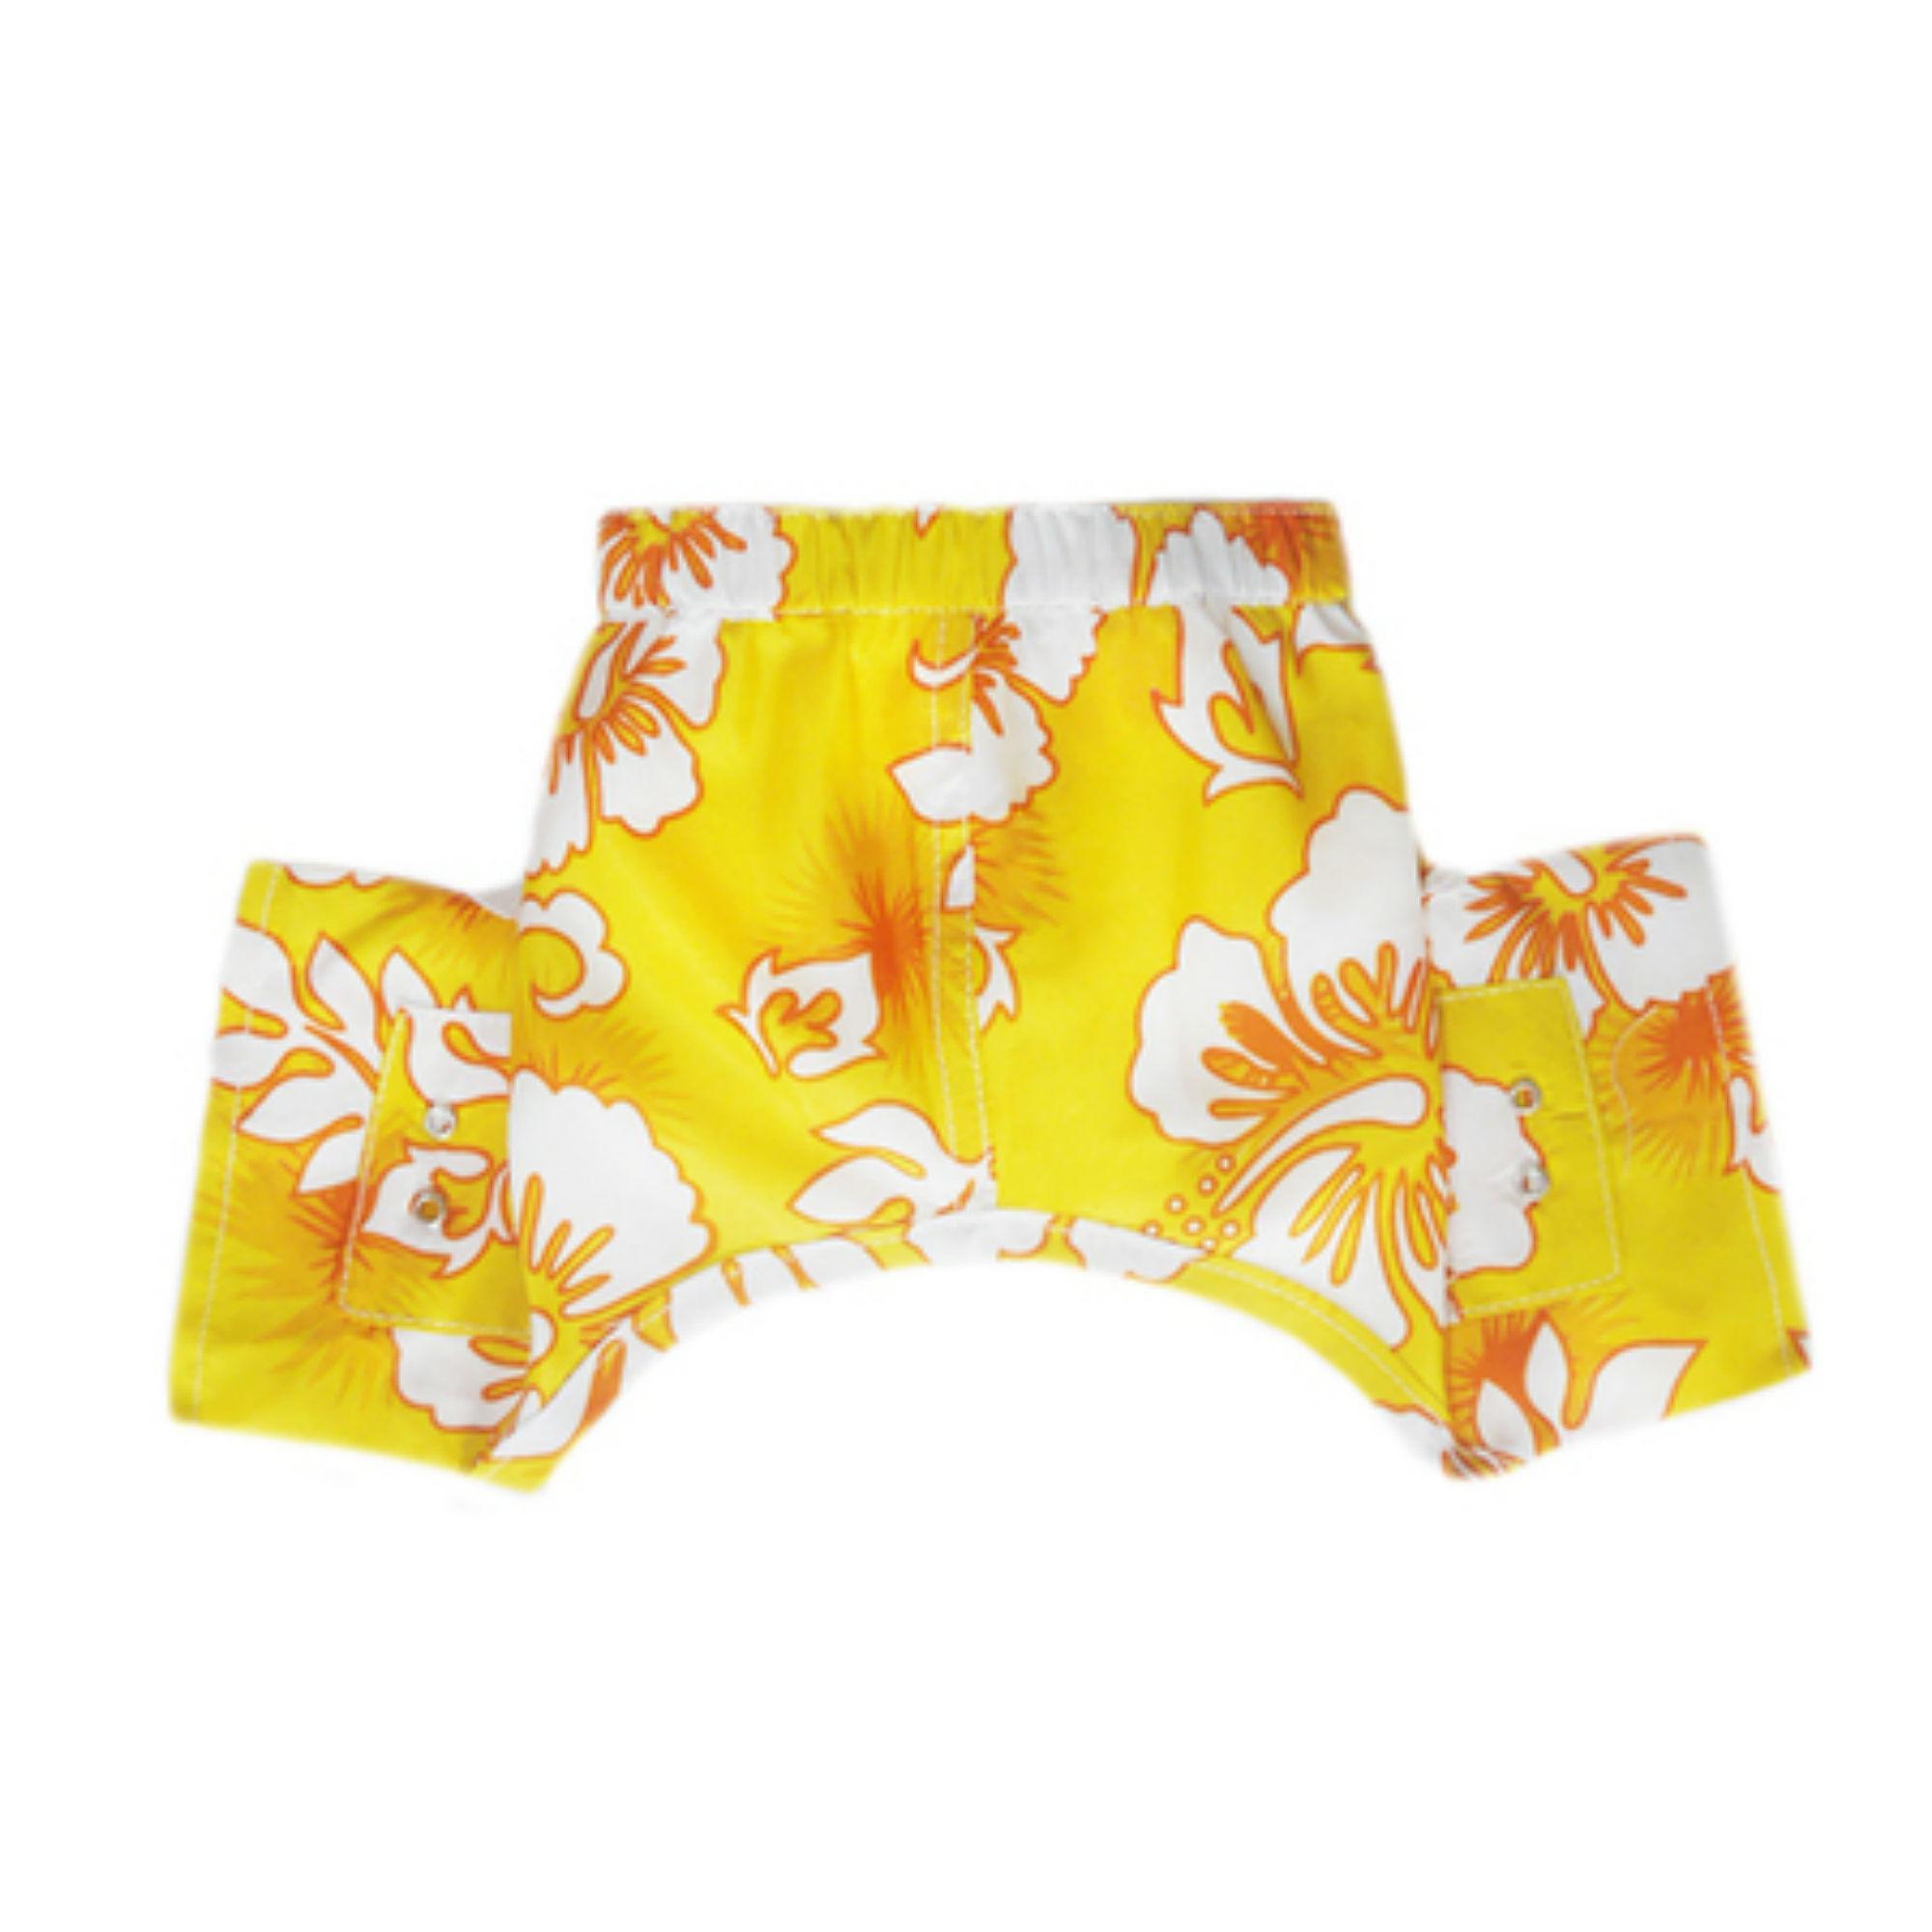 Belize Dog Swim Trunks - Yellow